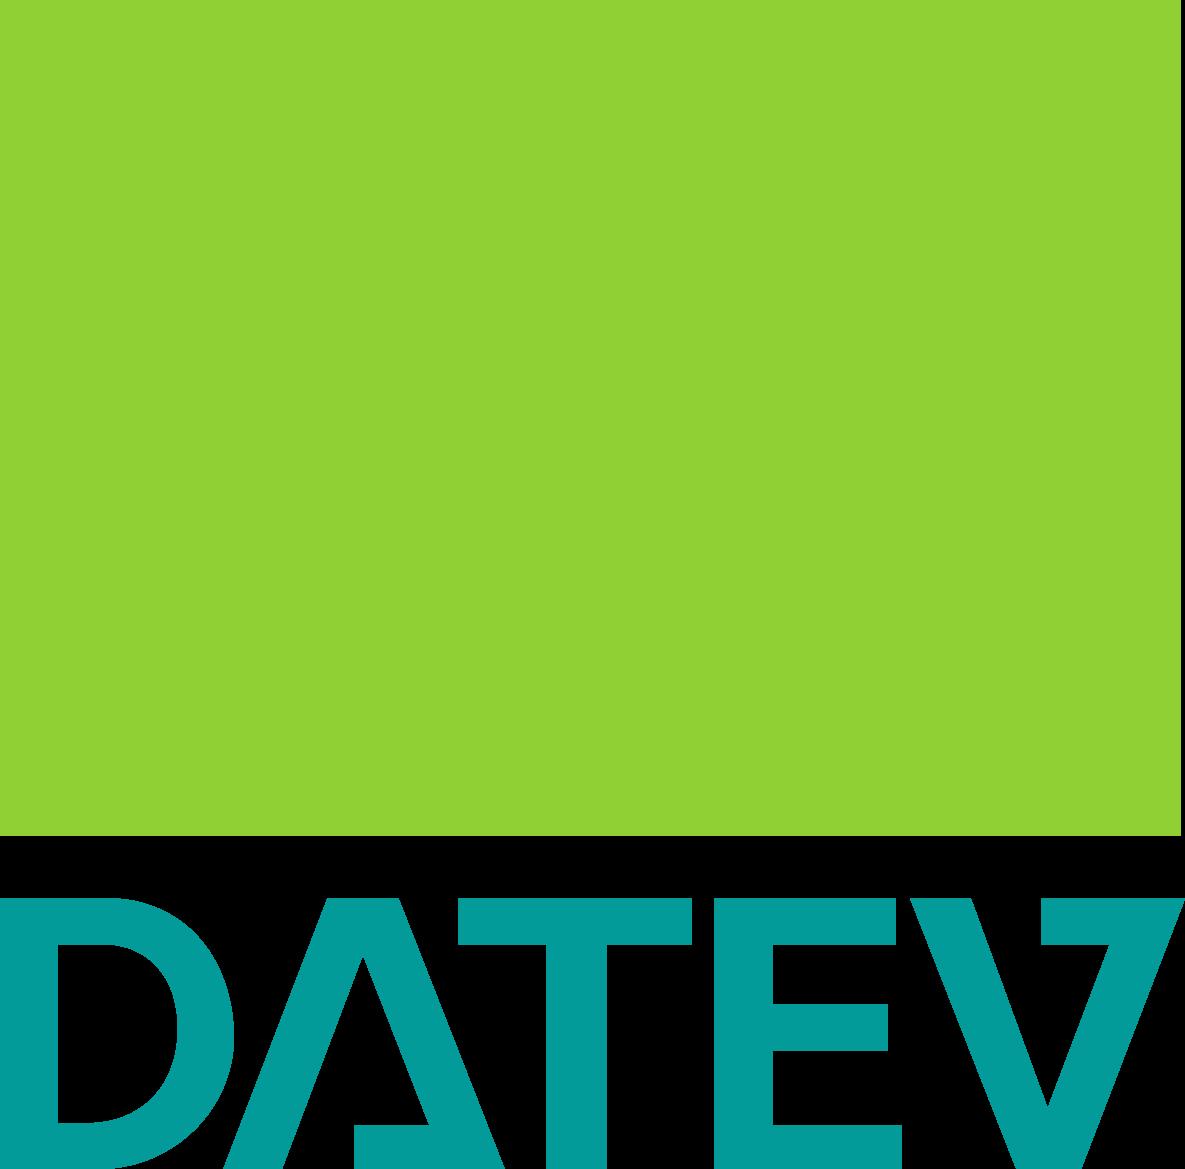 DATEV_Logo_RGB